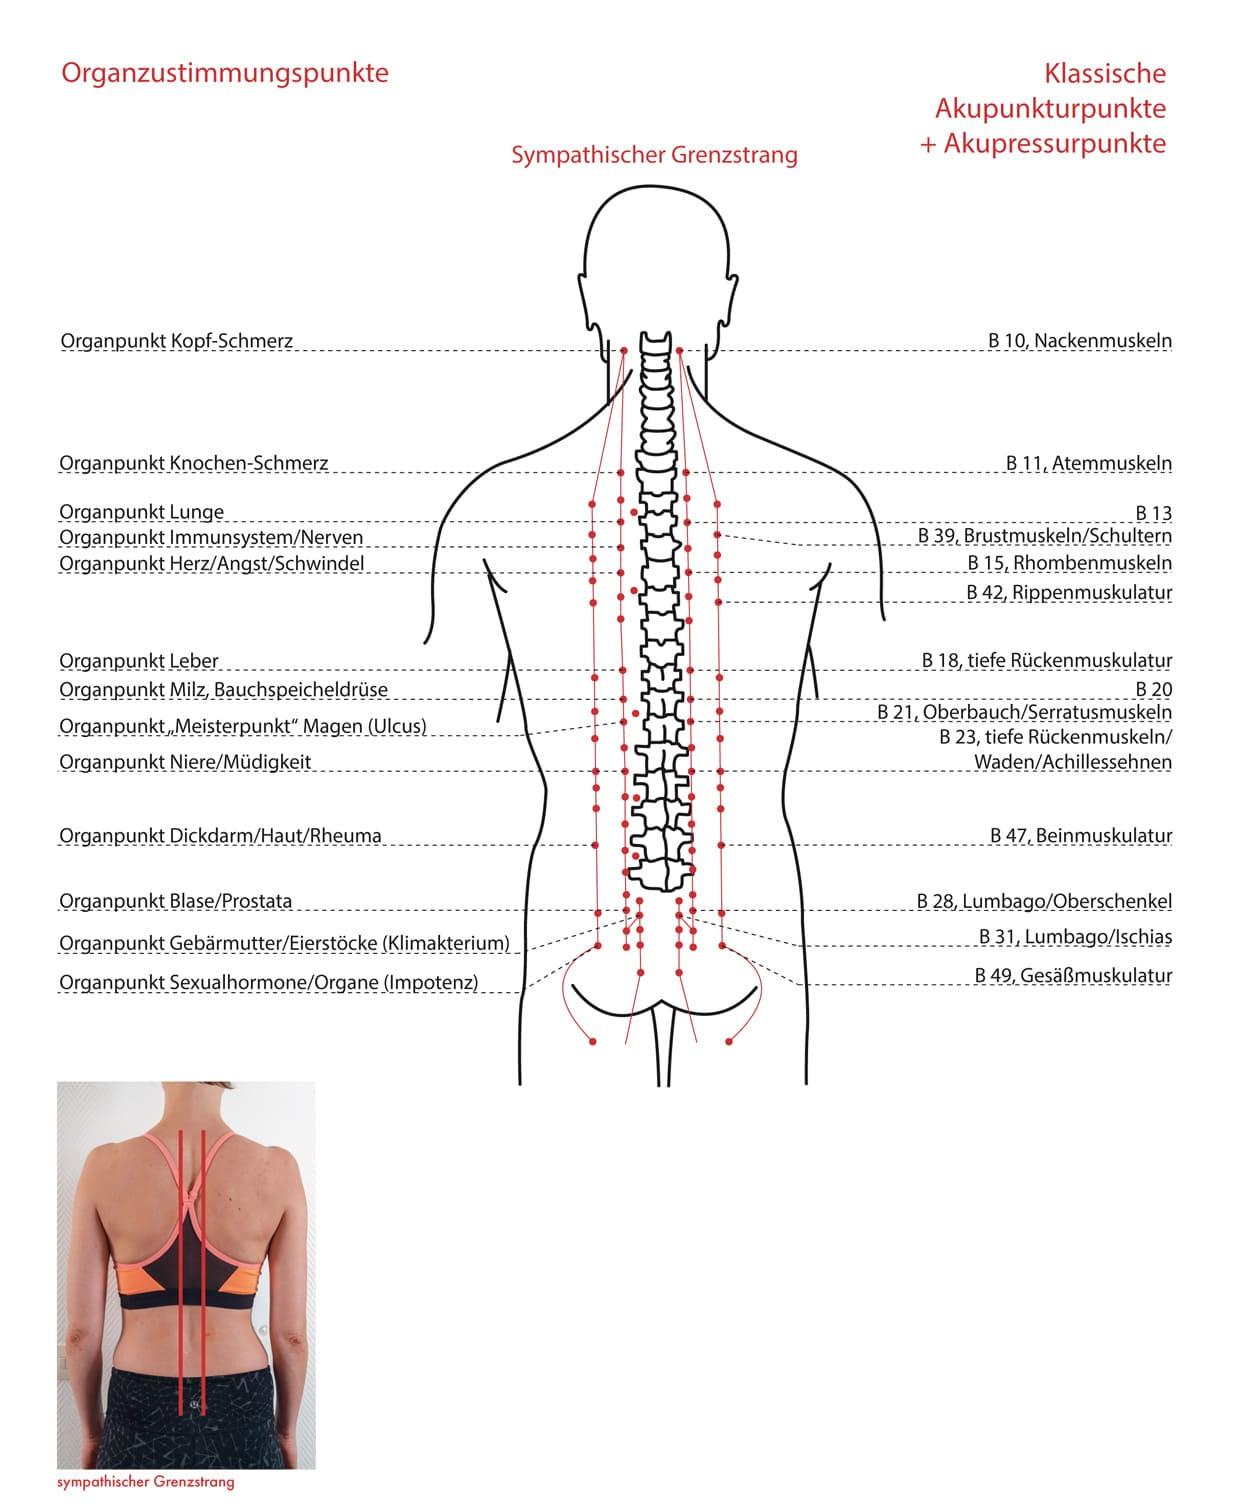 mht-dorso-aktiv-organzustimmungspunkte